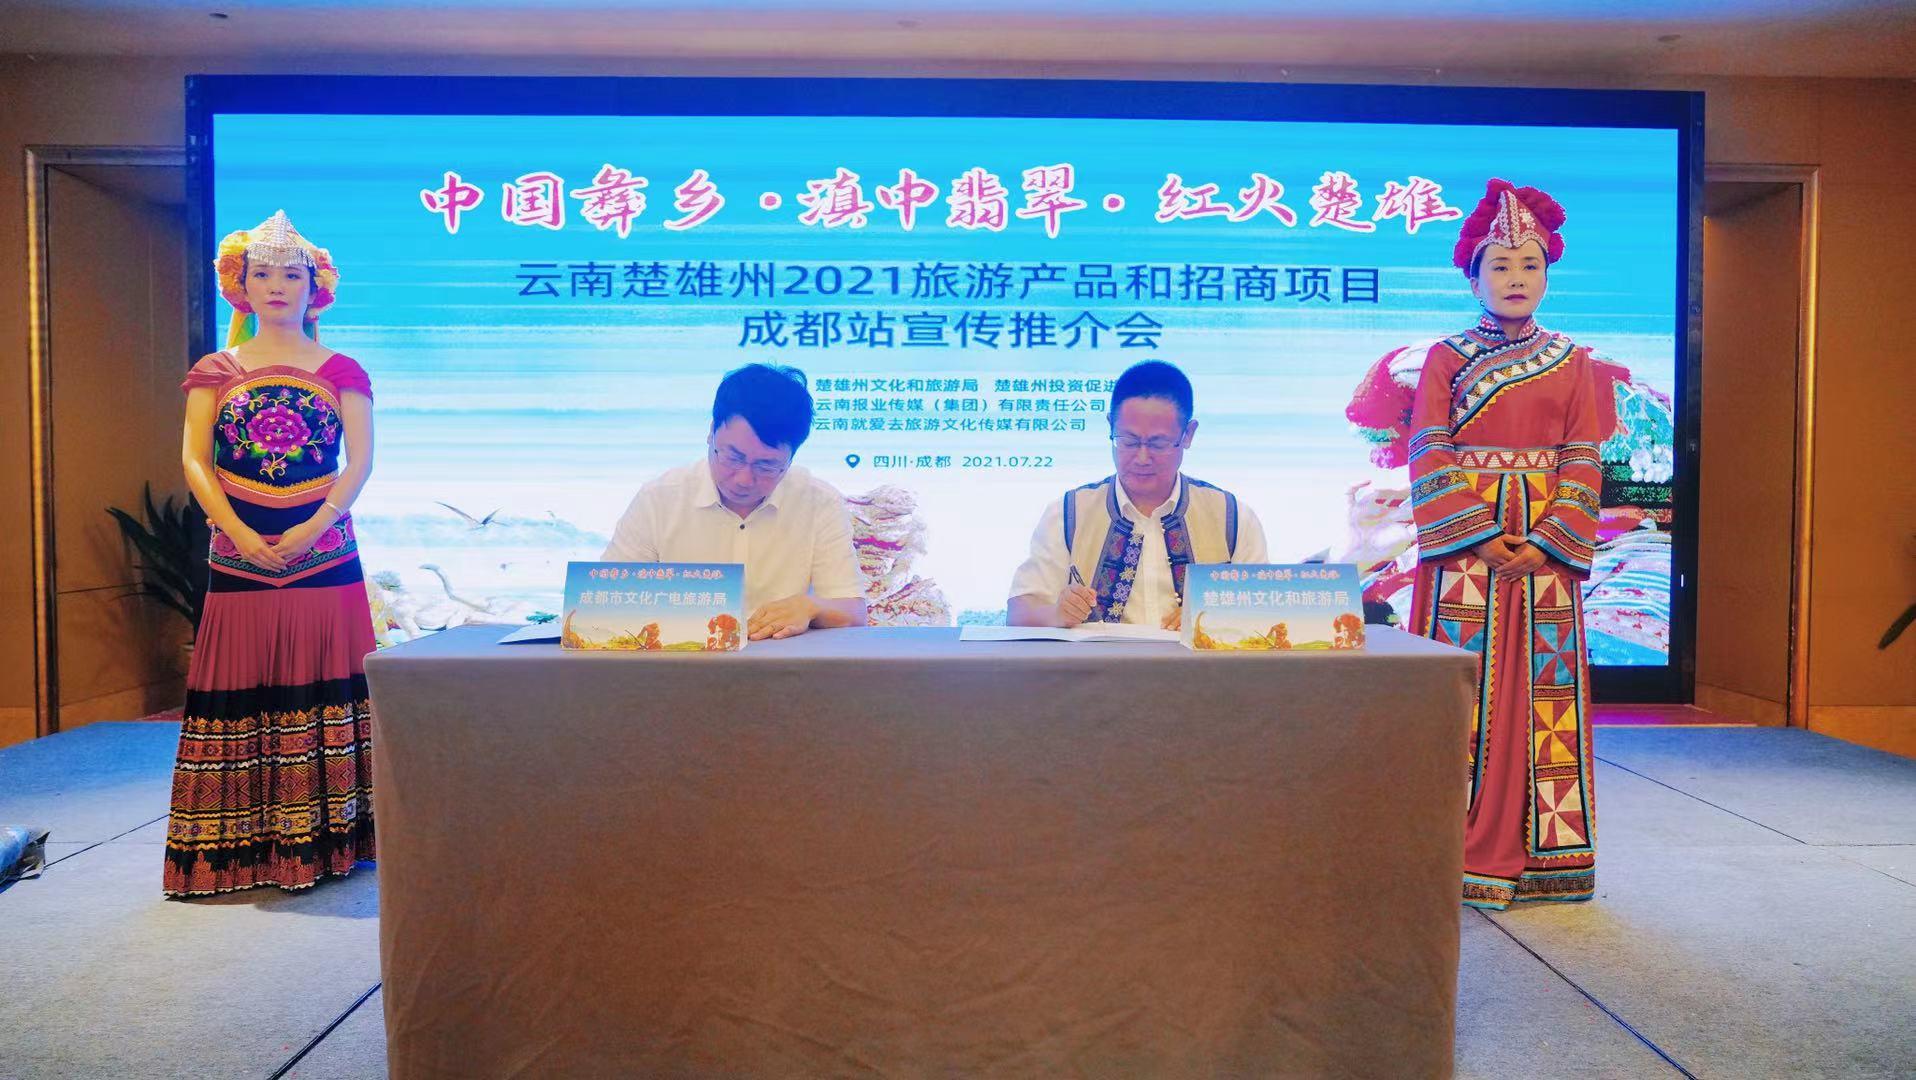 楚雄州文化和旅游局与成都市文化广电旅游局签订战略合作框架协议.jpg